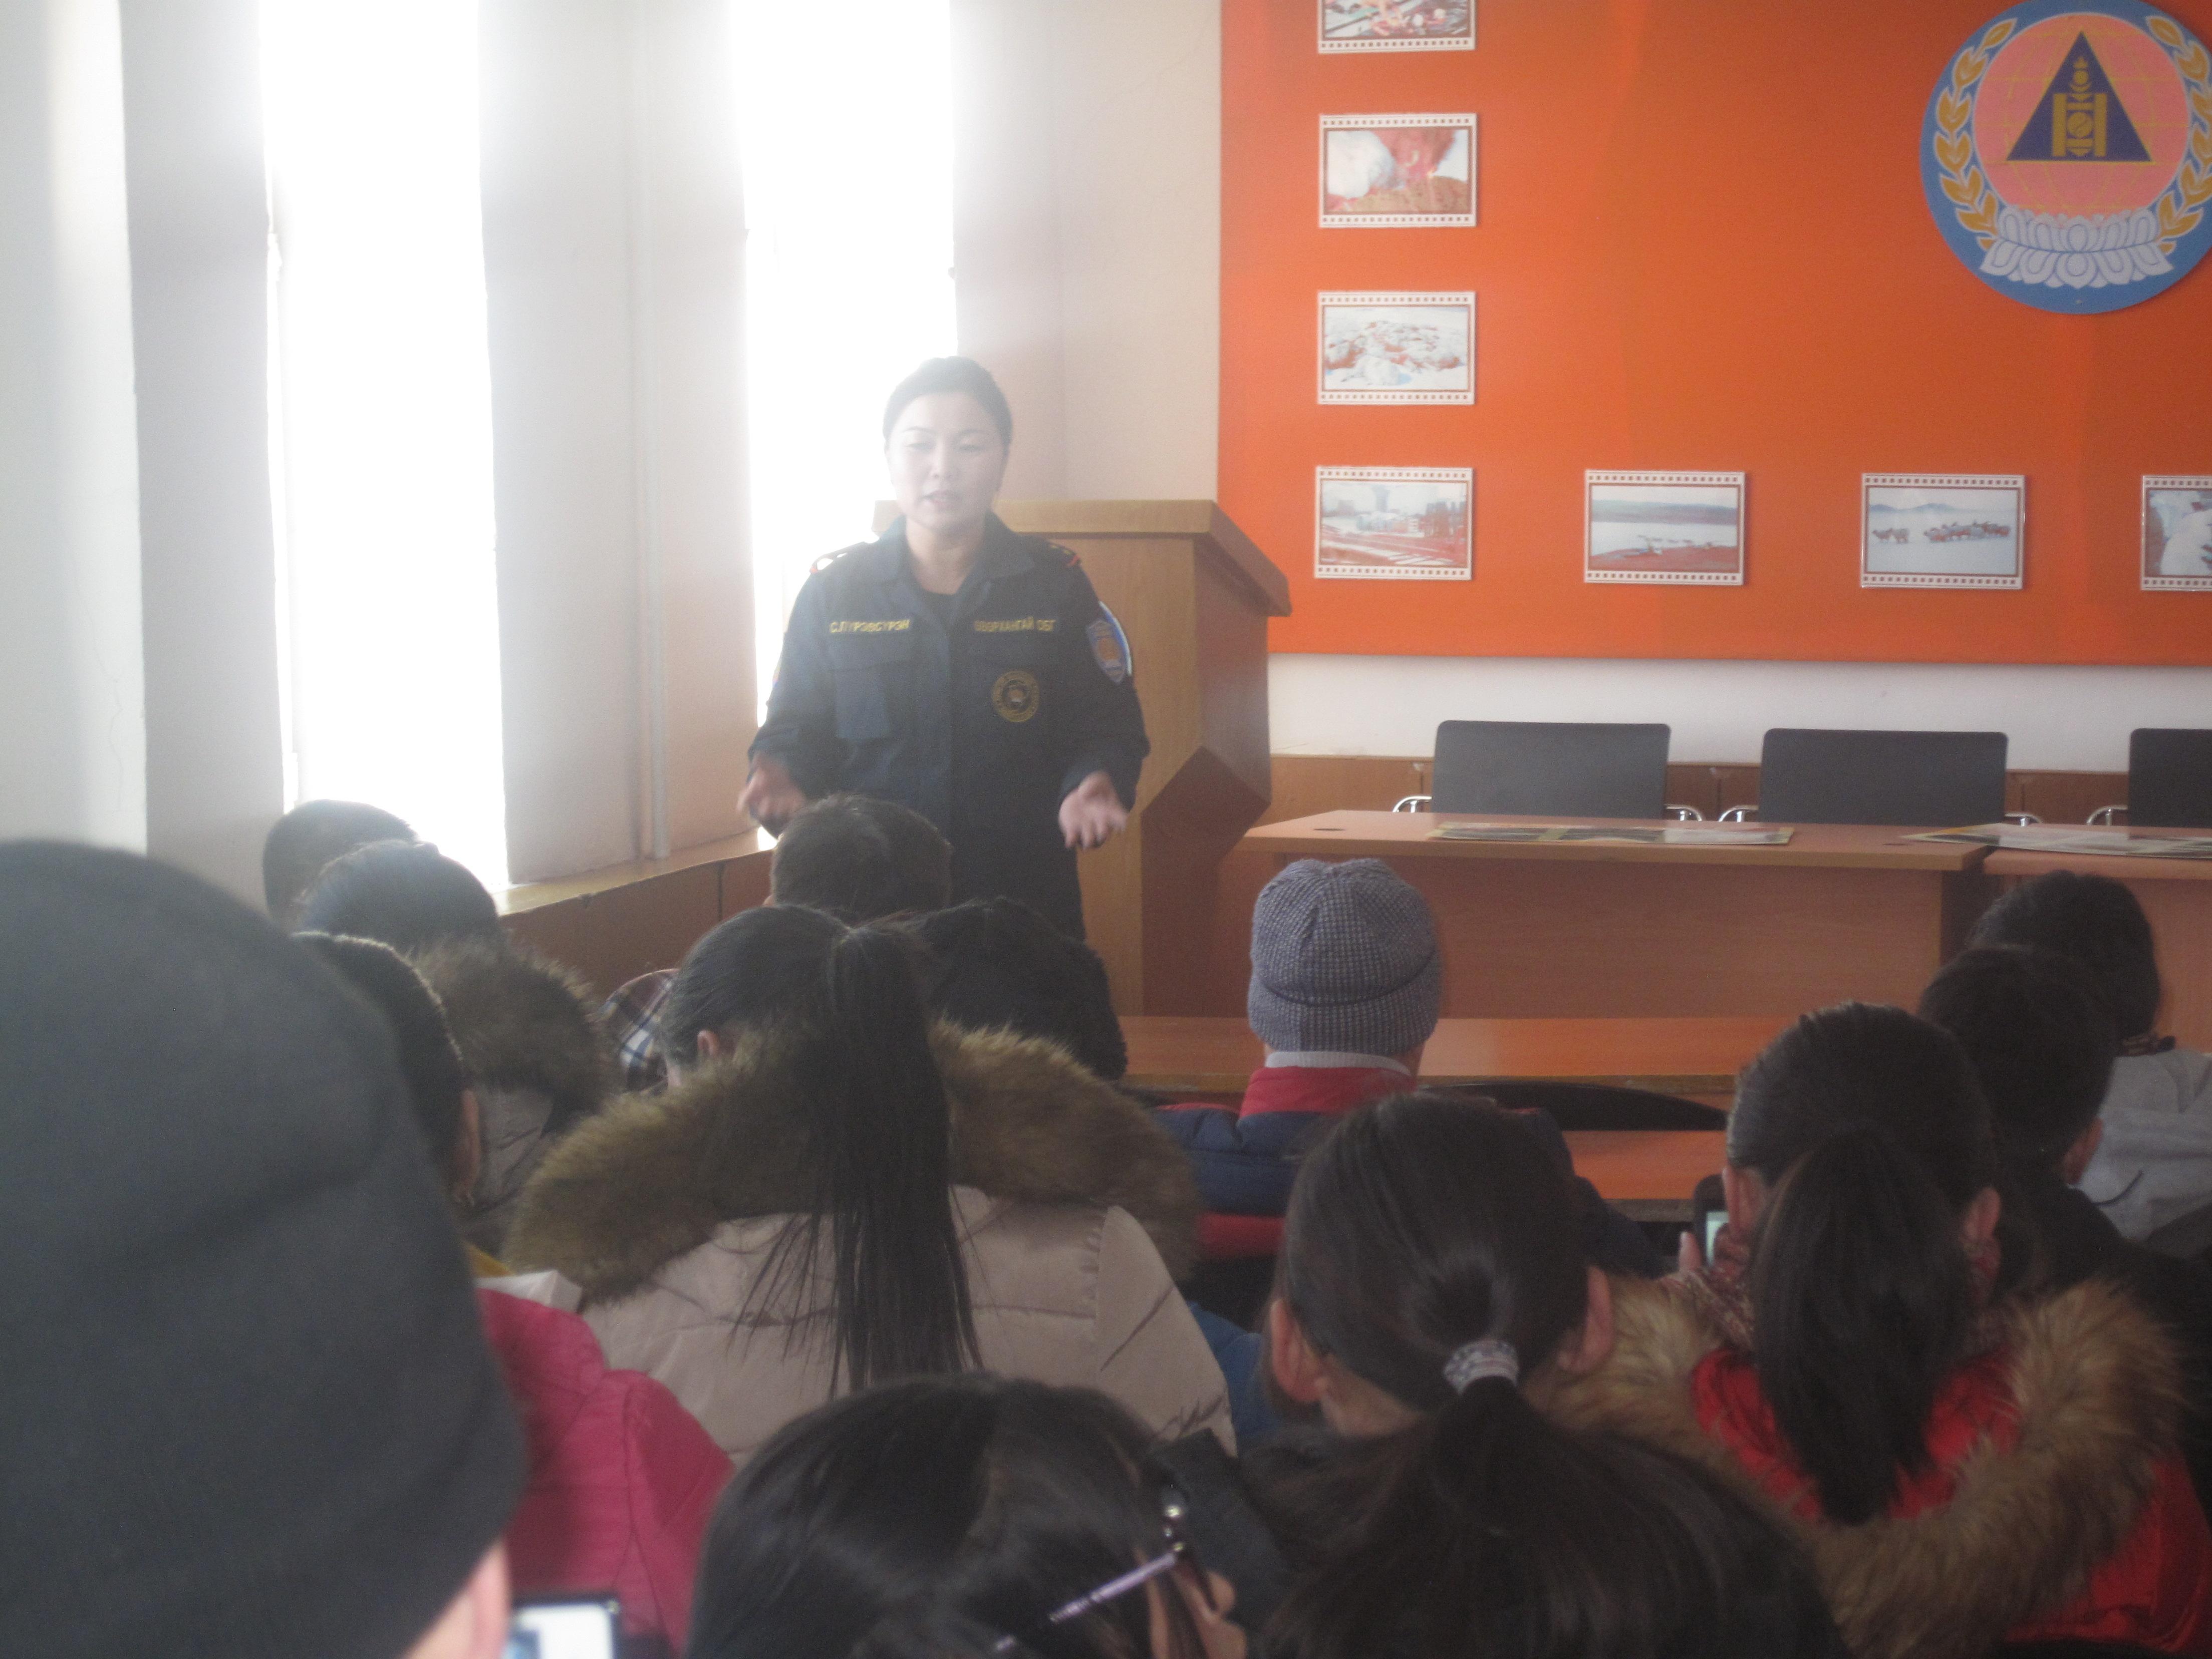 Хүүхэд багачуудыг Онцгой байдлын газрын үйл ажиллагаатай танилцууллаа